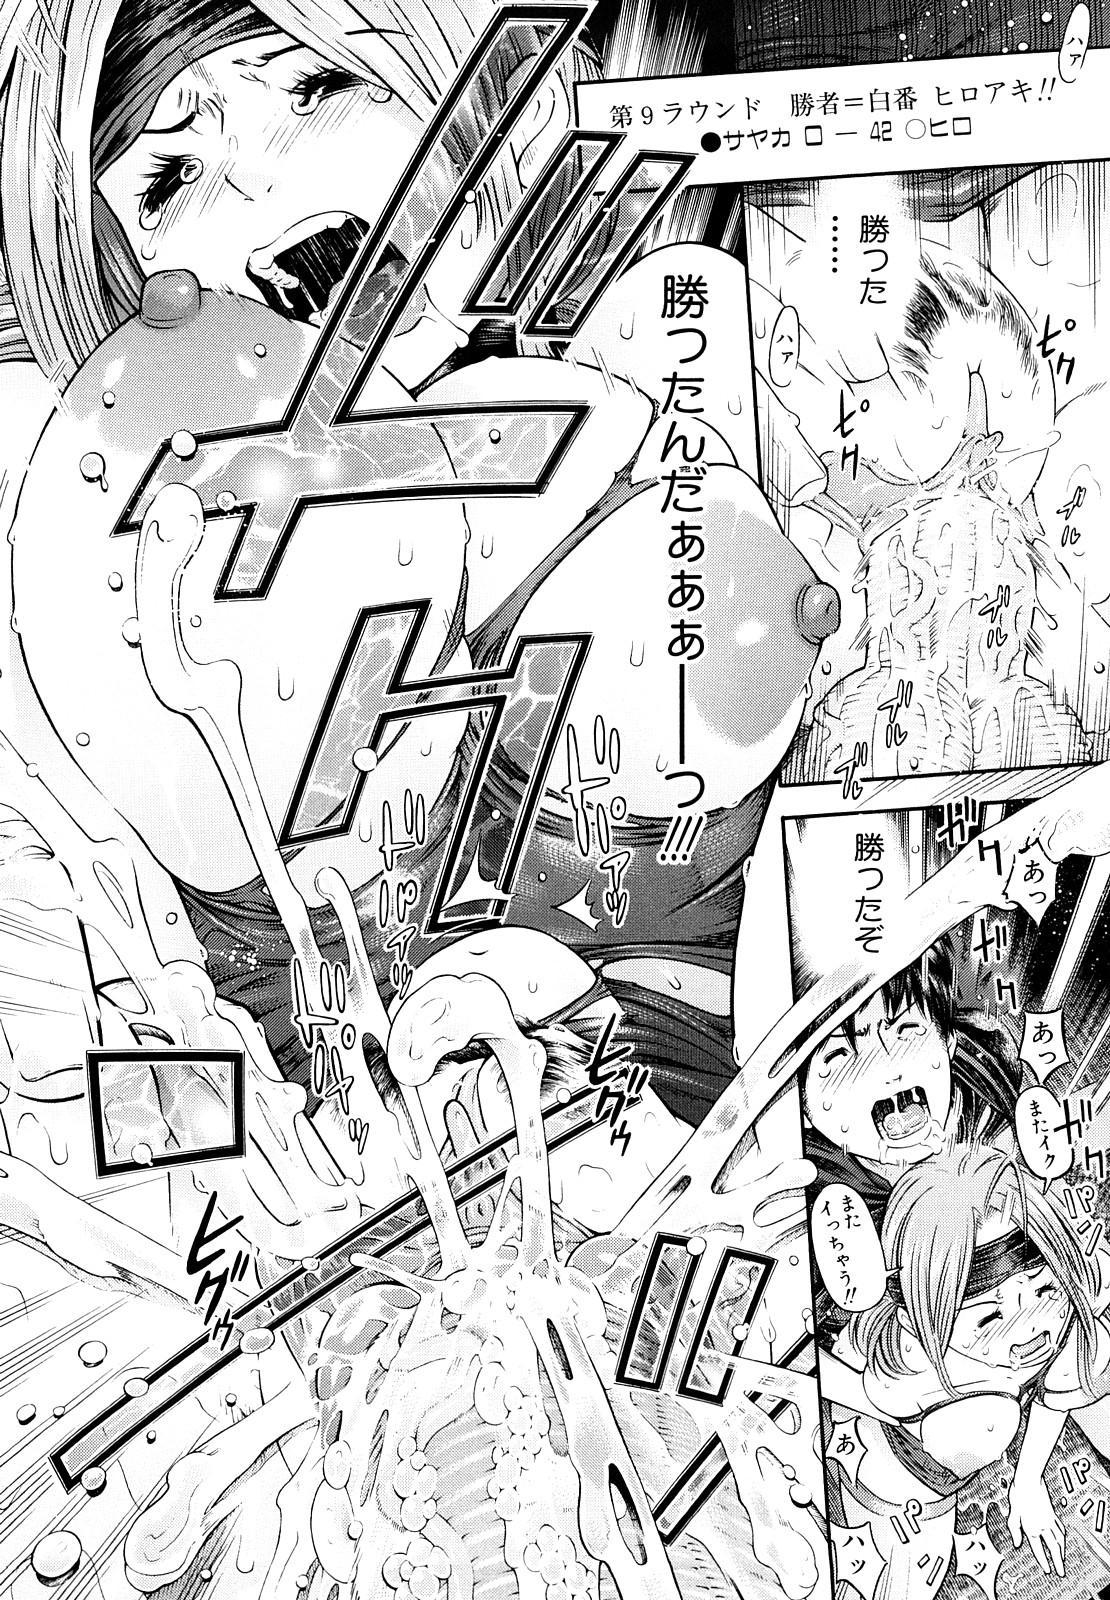 Chijyotachi no Kirifuda 38